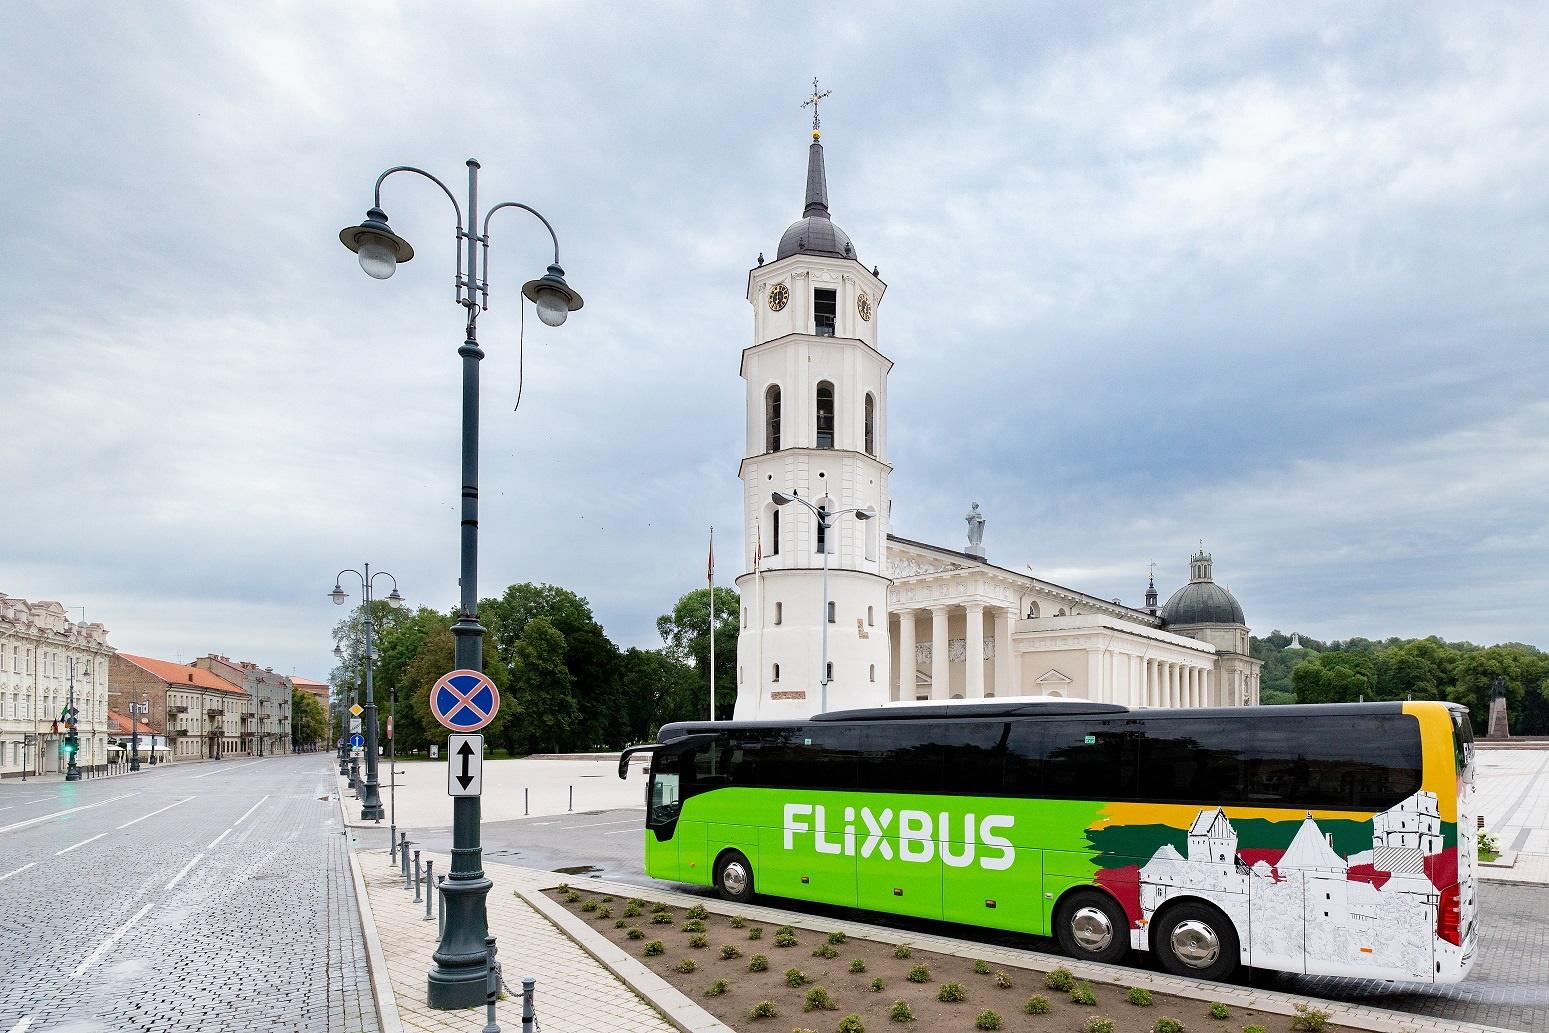 Nowe trasy z Polski. FlixBus wznawia operacje w krajach bałtyckich